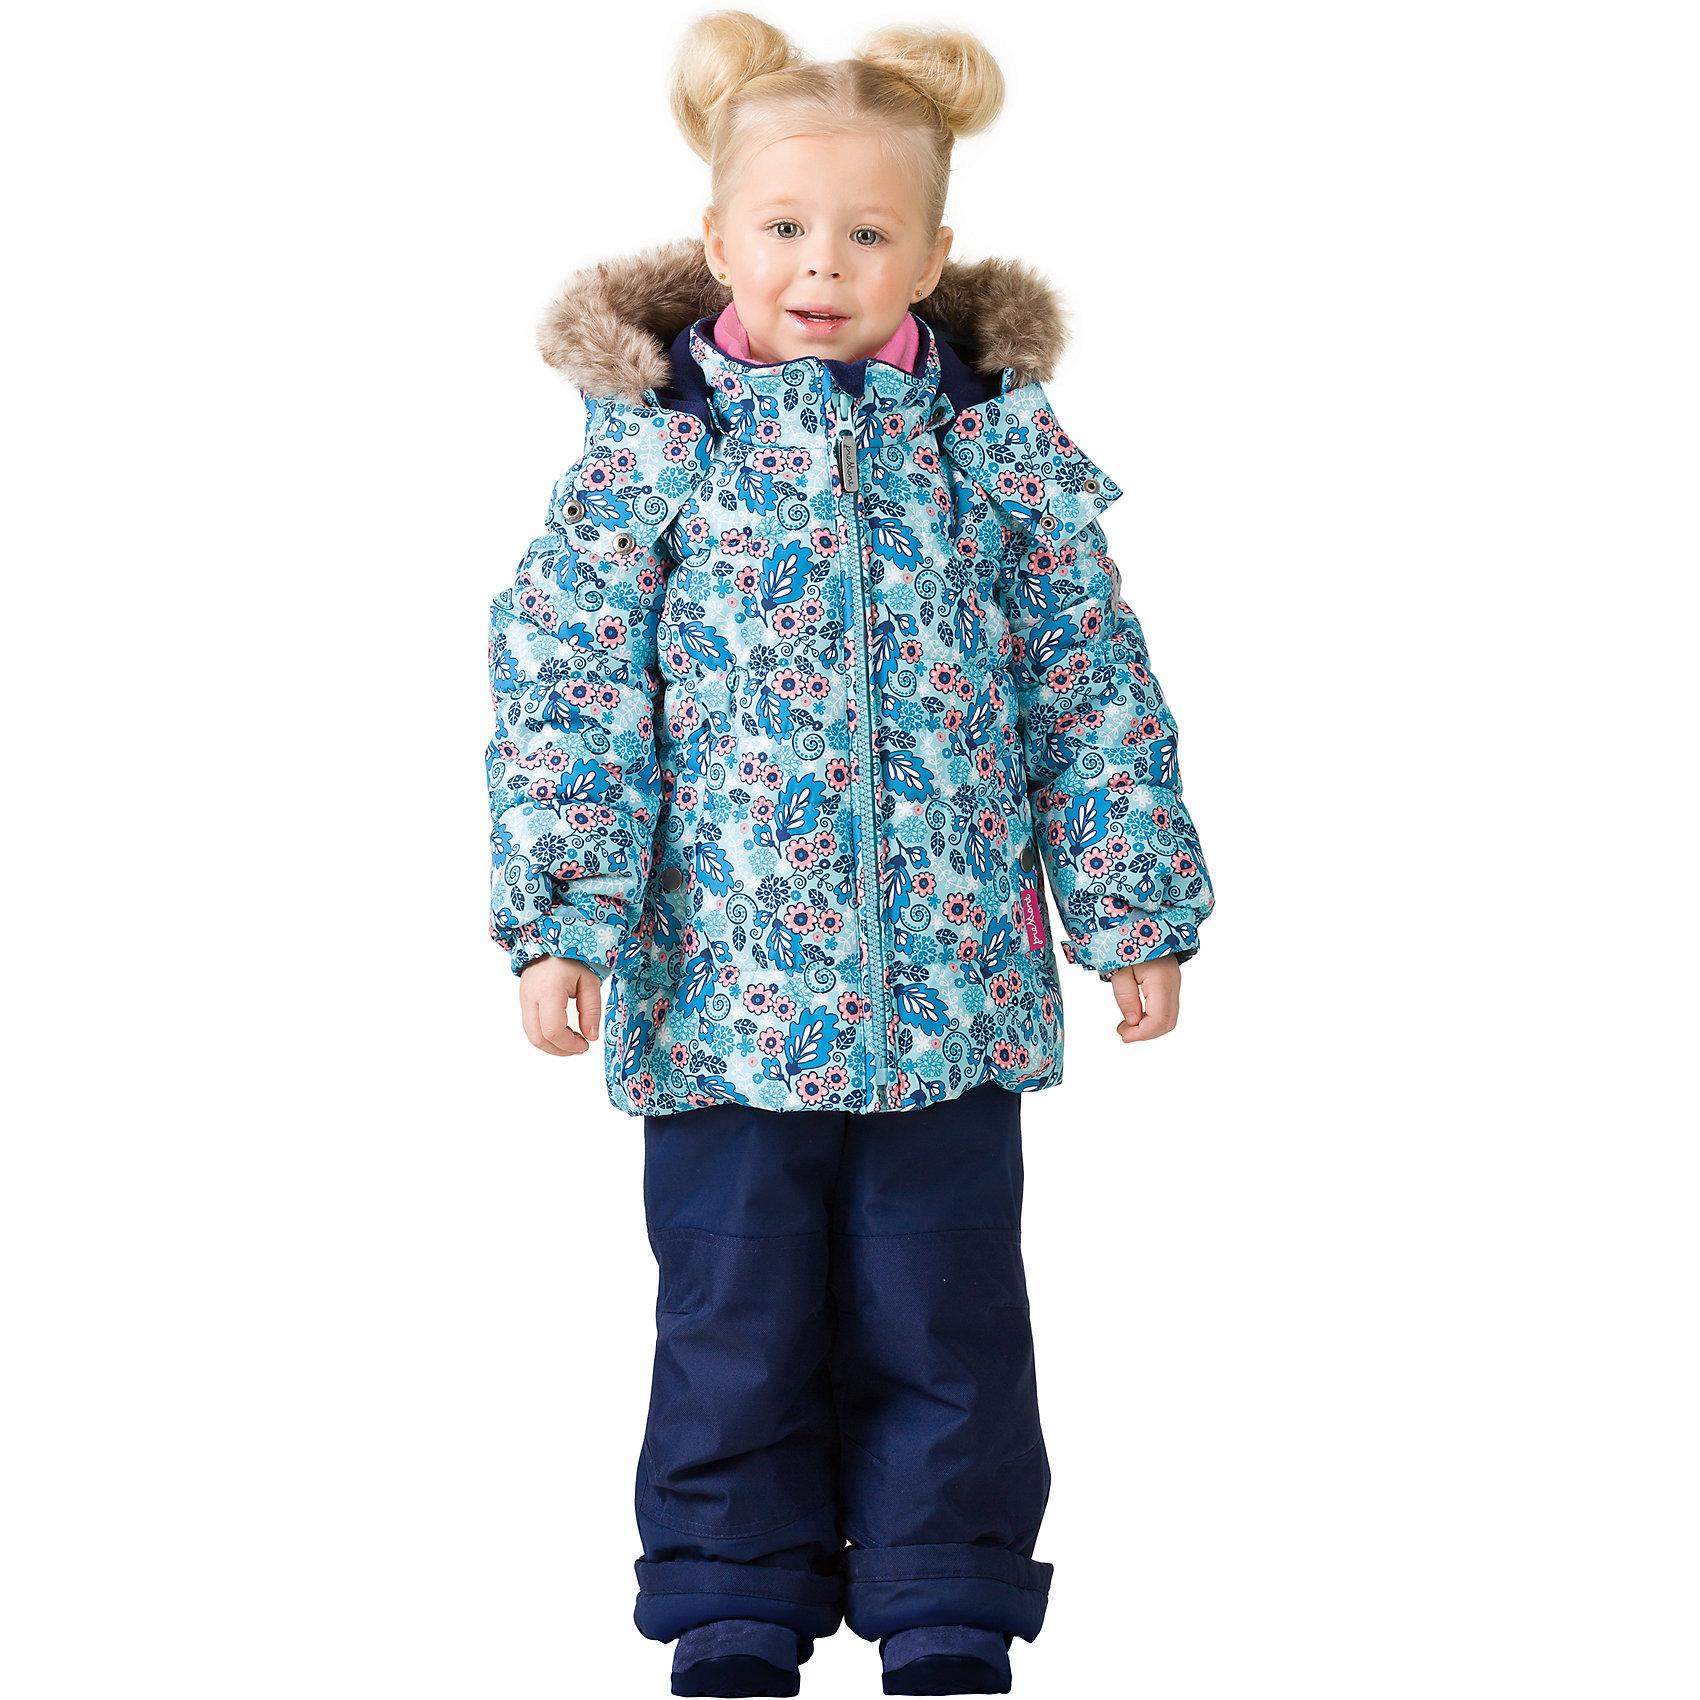 Комплект: куртка и брюки Premont для девочкиВерхняя одежда<br>Характеристики товара:<br><br>• цвет: голубой<br>• комплектация: куртка и брюки<br>• состав ткани: Taslan<br>• подкладка: Polar fleece, Taffeta<br>• утеплитель: Tech-polyfill<br>• сезон: зима<br>• мембранное покрытие<br>• температурный режим: от -30 до +5<br>• водонепроницаемость: 5000 мм <br>• паропроницаемость: 5000 г/м2<br>• плотность утеплителя: куртка - 280 г/м2, брюки - 180 г/м2<br>• капюшон: съемный<br>• искусственный мех на капюшоне отстегивается<br>• застежка: молния<br>• страна бренда: Канада<br>• страна изготовитель: Китай<br><br>Такой зимний детский комплект сделан с применением мембранной технологии. Зимний детский комплект дополнен лямками, планкой от ветра, светоотражающими элементами и удобными карманами. Мягкая подкладка комплекта для детей делает его теплым и комфортным. <br><br>Комплект: куртка и брюки для девочки Premont (Премонт) можно купить в нашем интернет-магазине.<br><br>Ширина мм: 356<br>Глубина мм: 10<br>Высота мм: 245<br>Вес г: 519<br>Цвет: синий<br>Возраст от месяцев: 156<br>Возраст до месяцев: 168<br>Пол: Женский<br>Возраст: Детский<br>Размер: 164,92,98,100,104,110,116,120,122,128,140,152<br>SKU: 7088229